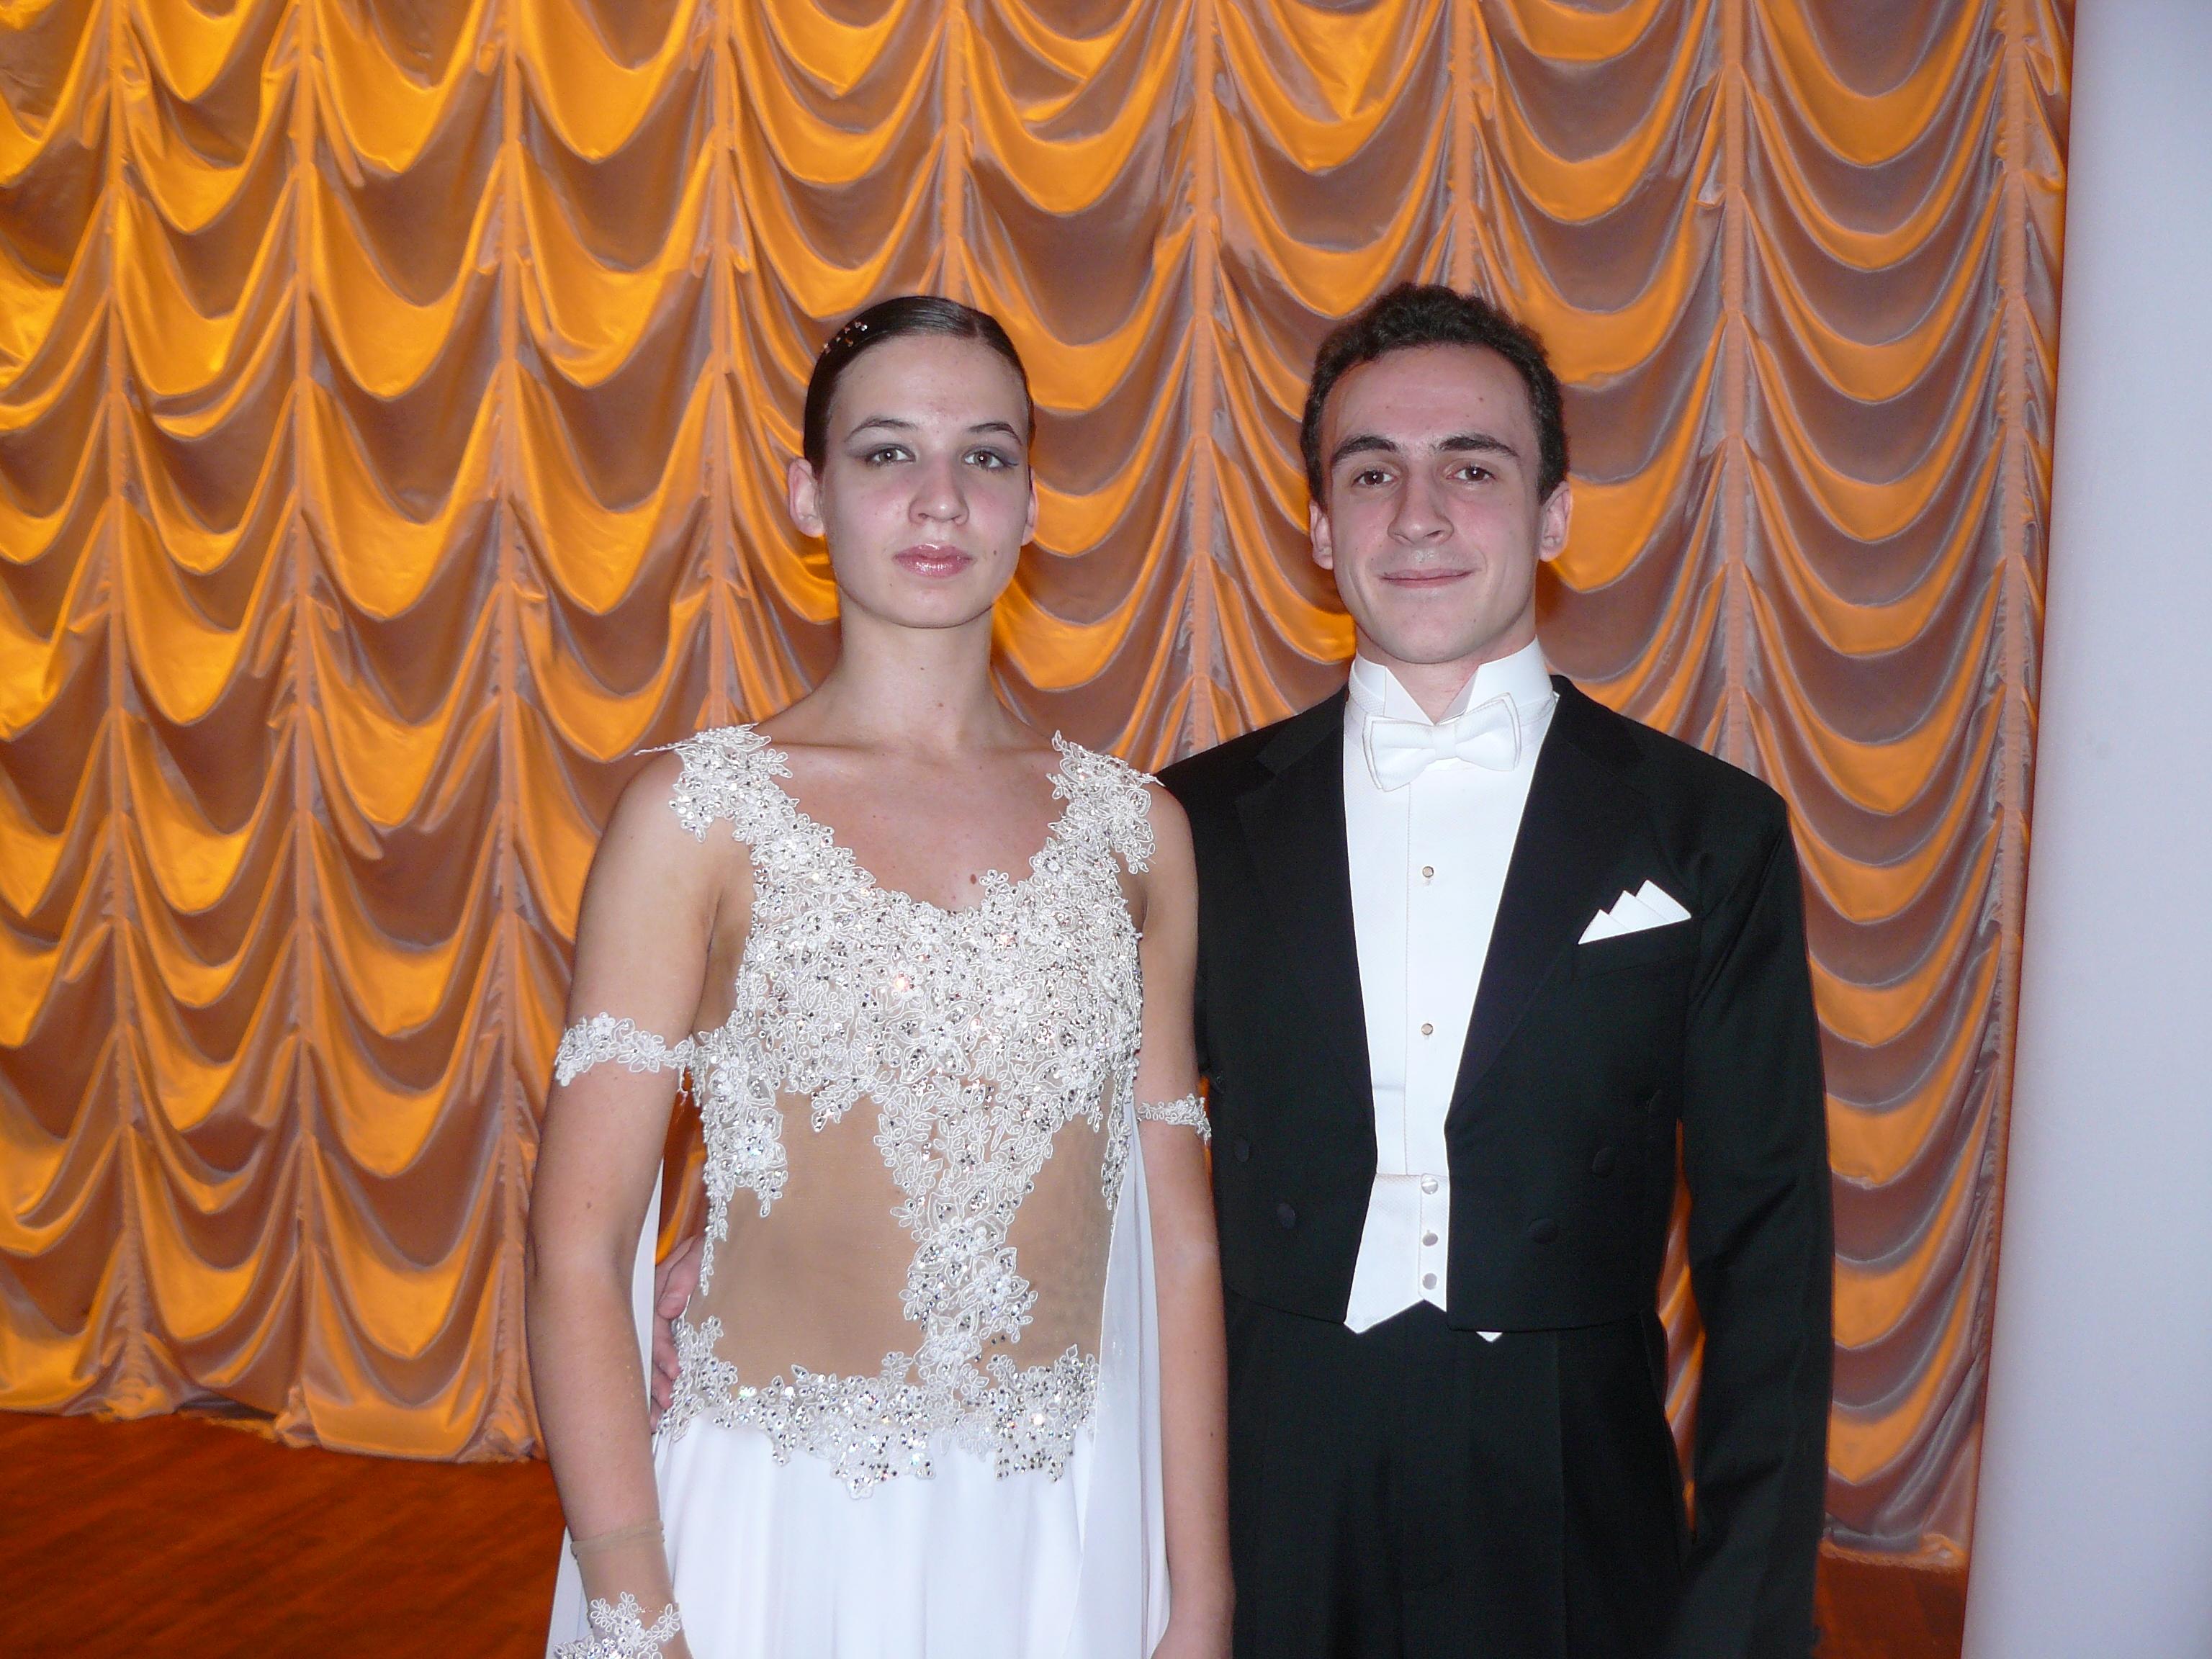 Козловский Сергей - Лазарева Дарья